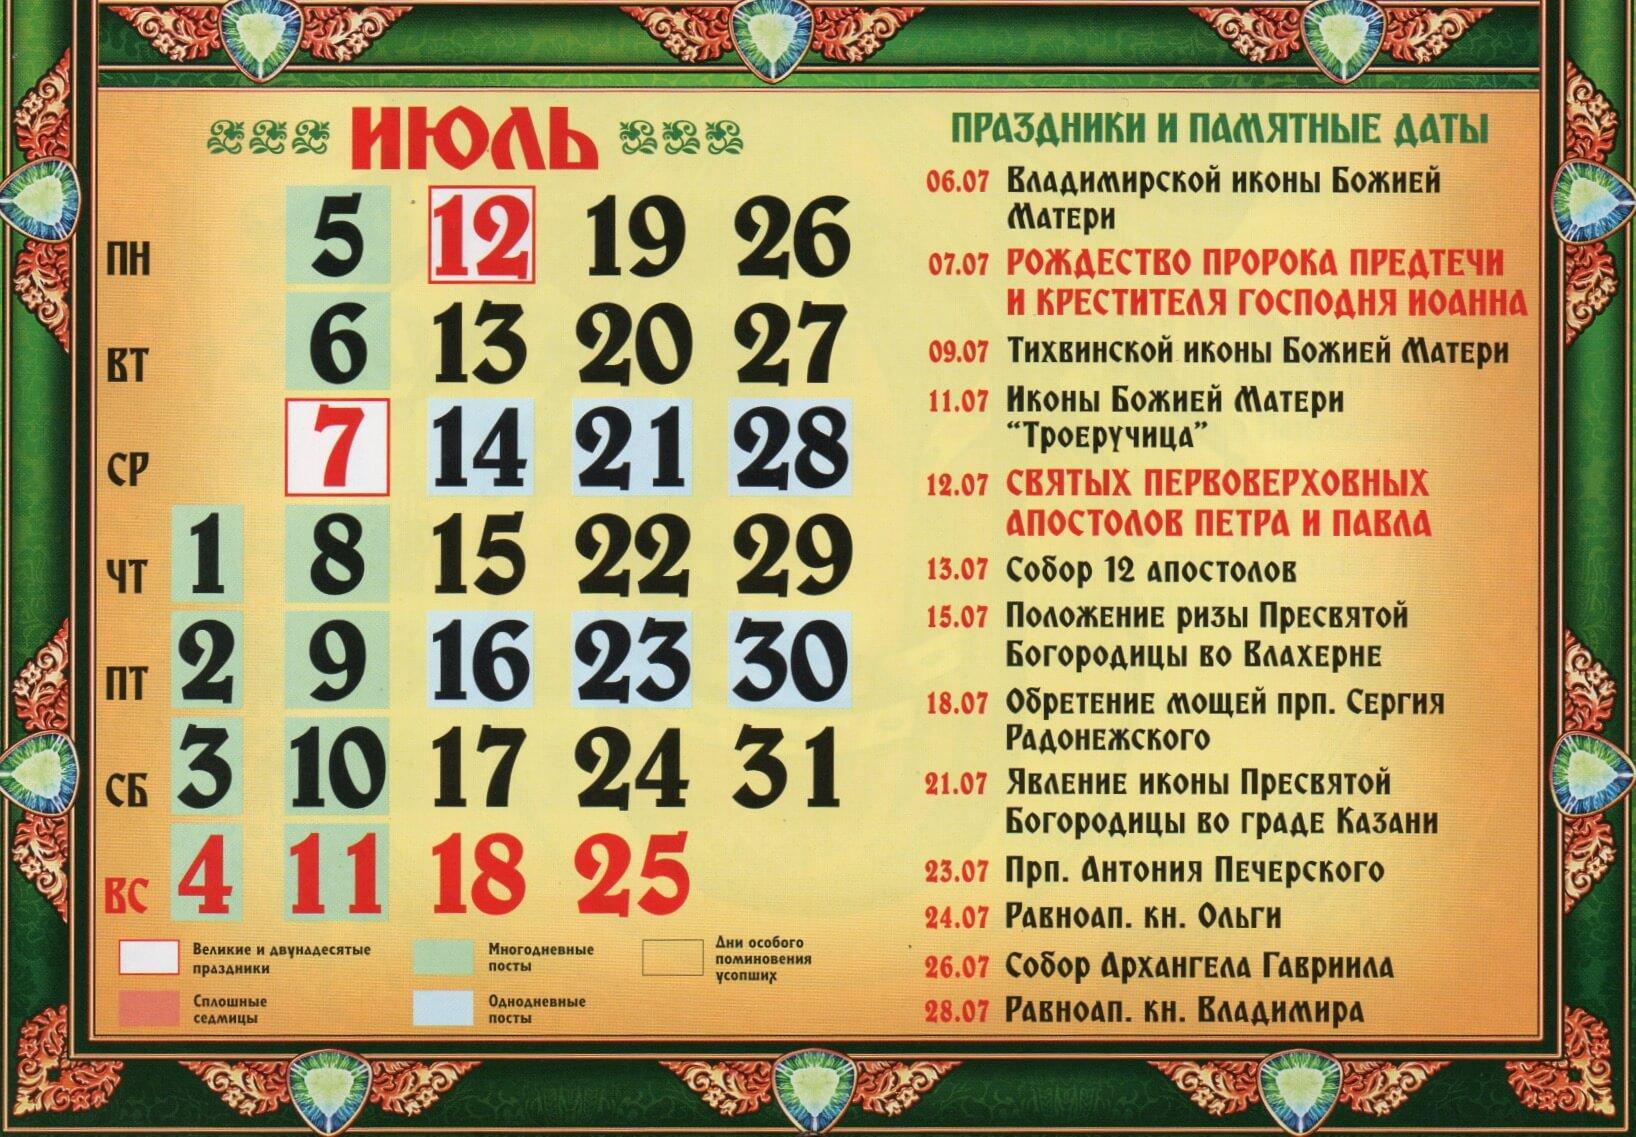 Православные церковные праздники в июле 2021 года